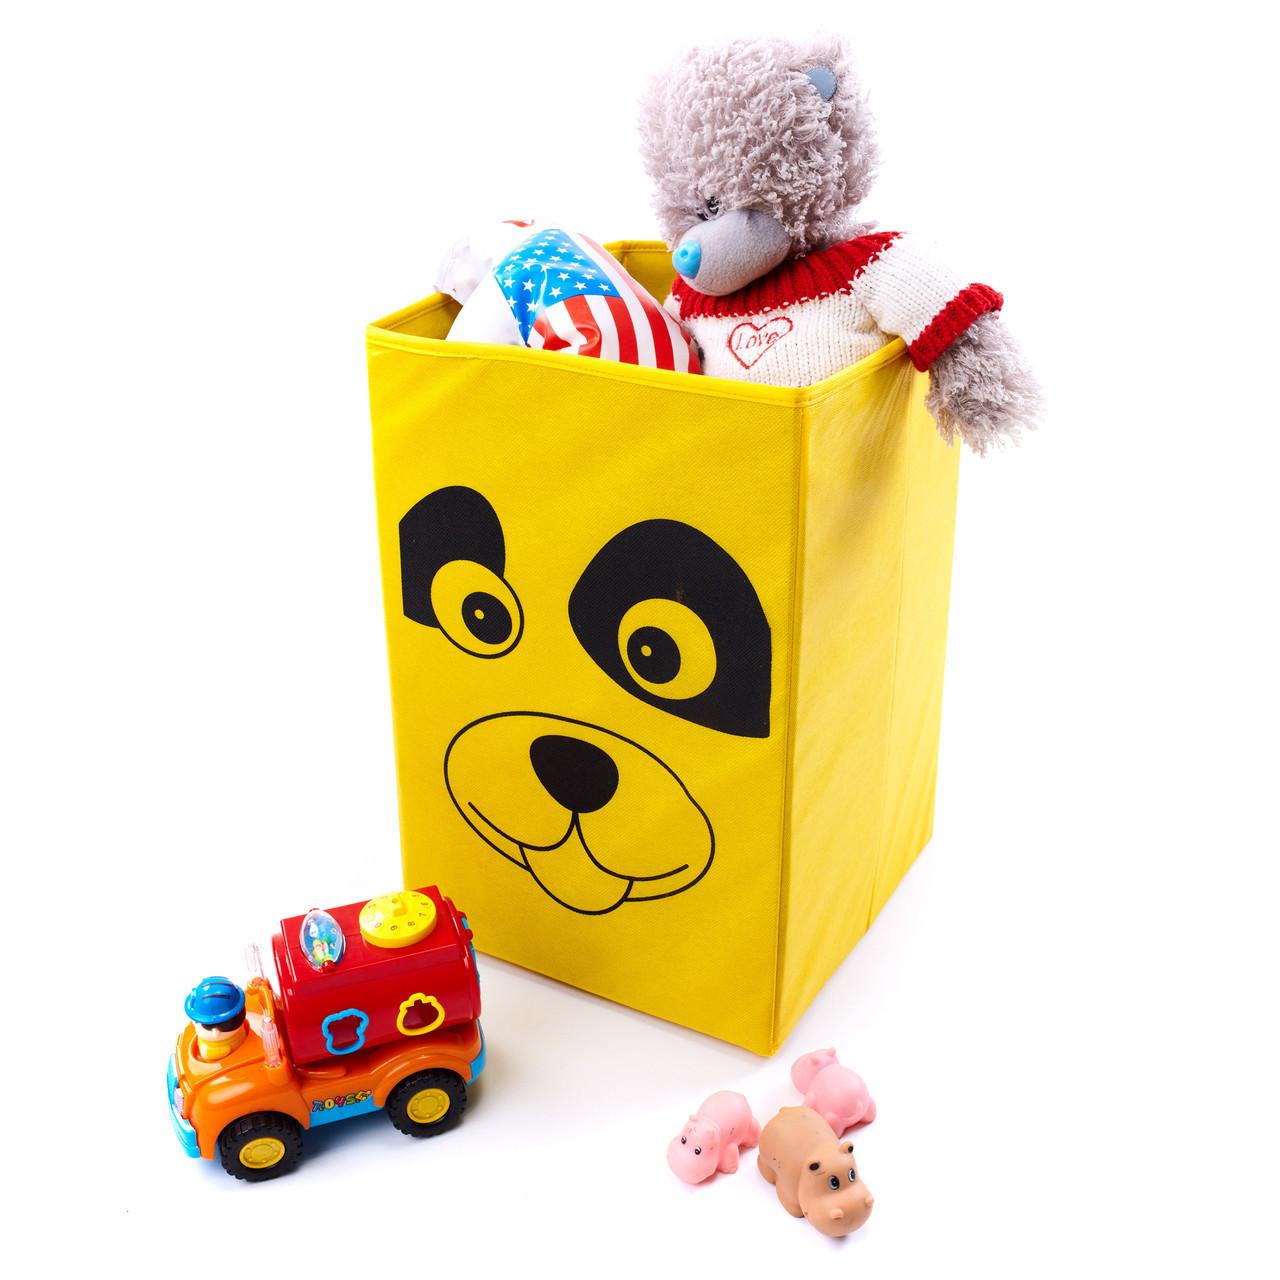 Ящик для хранения игрушек, 35 * 35 * 55 см, Зоопарк Собака (без крышки)